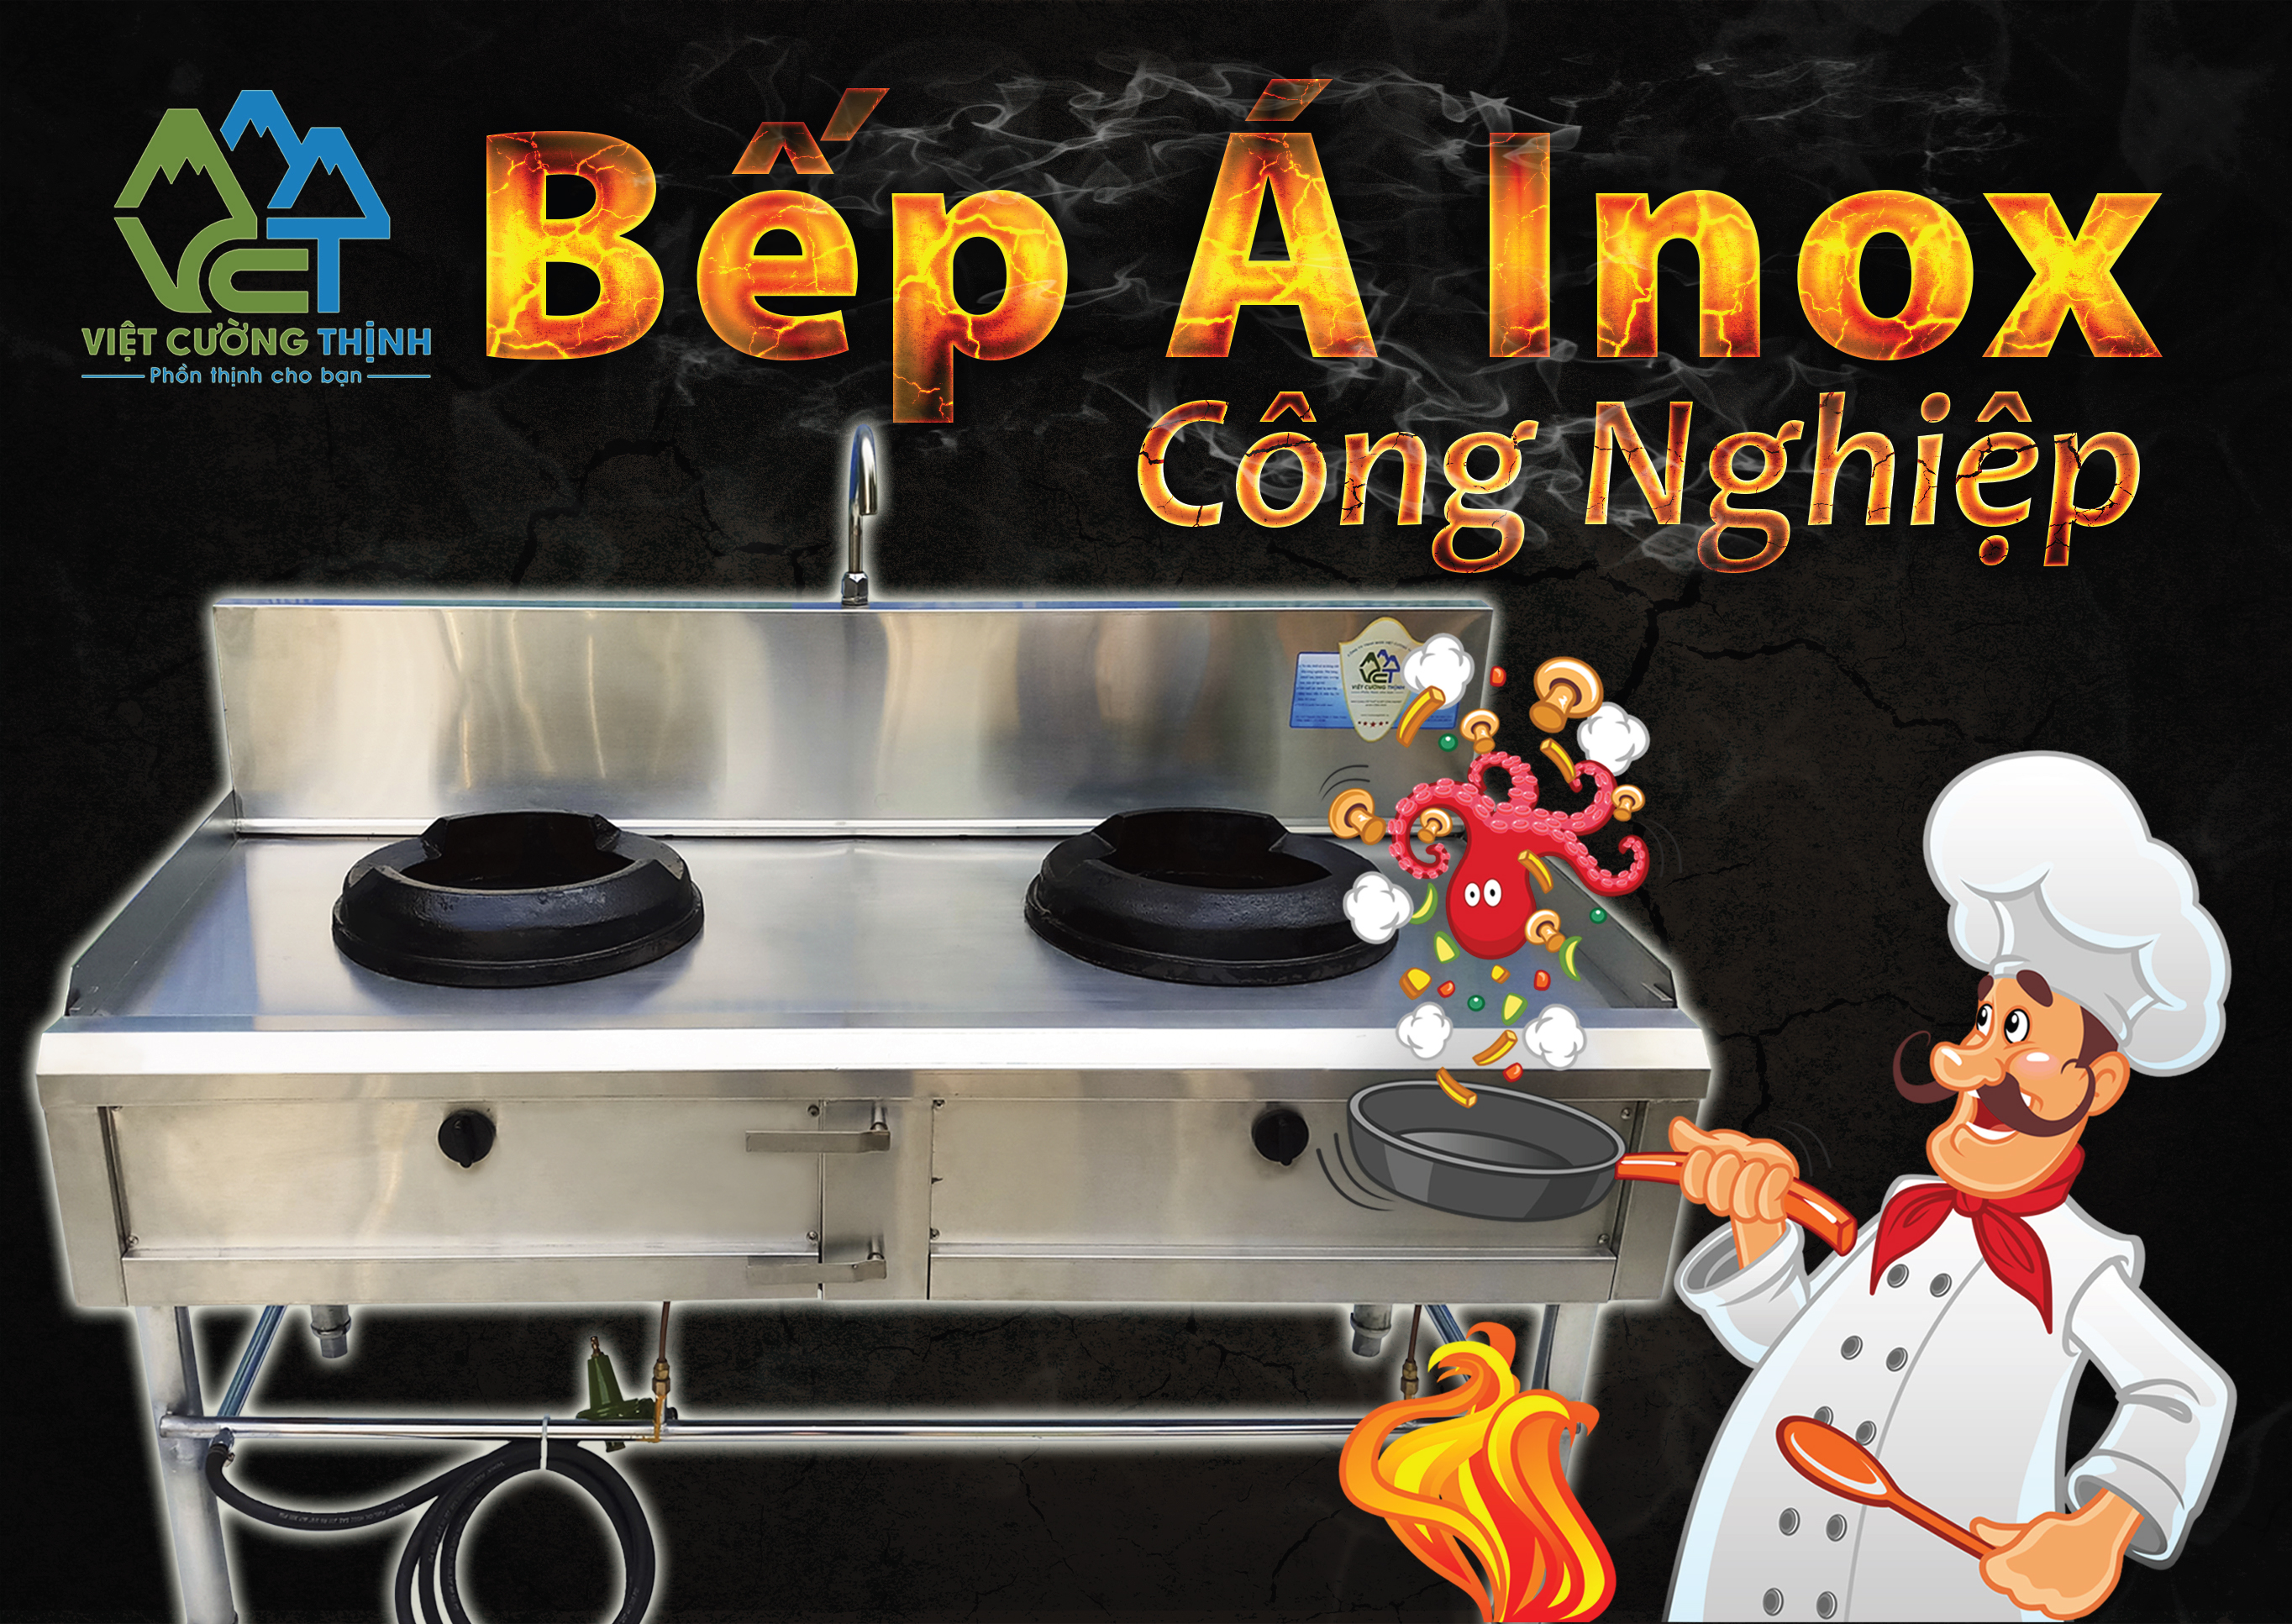 Bếp Á công nghiệp là thiết bị hữu ích trong quá trình nấu nướng